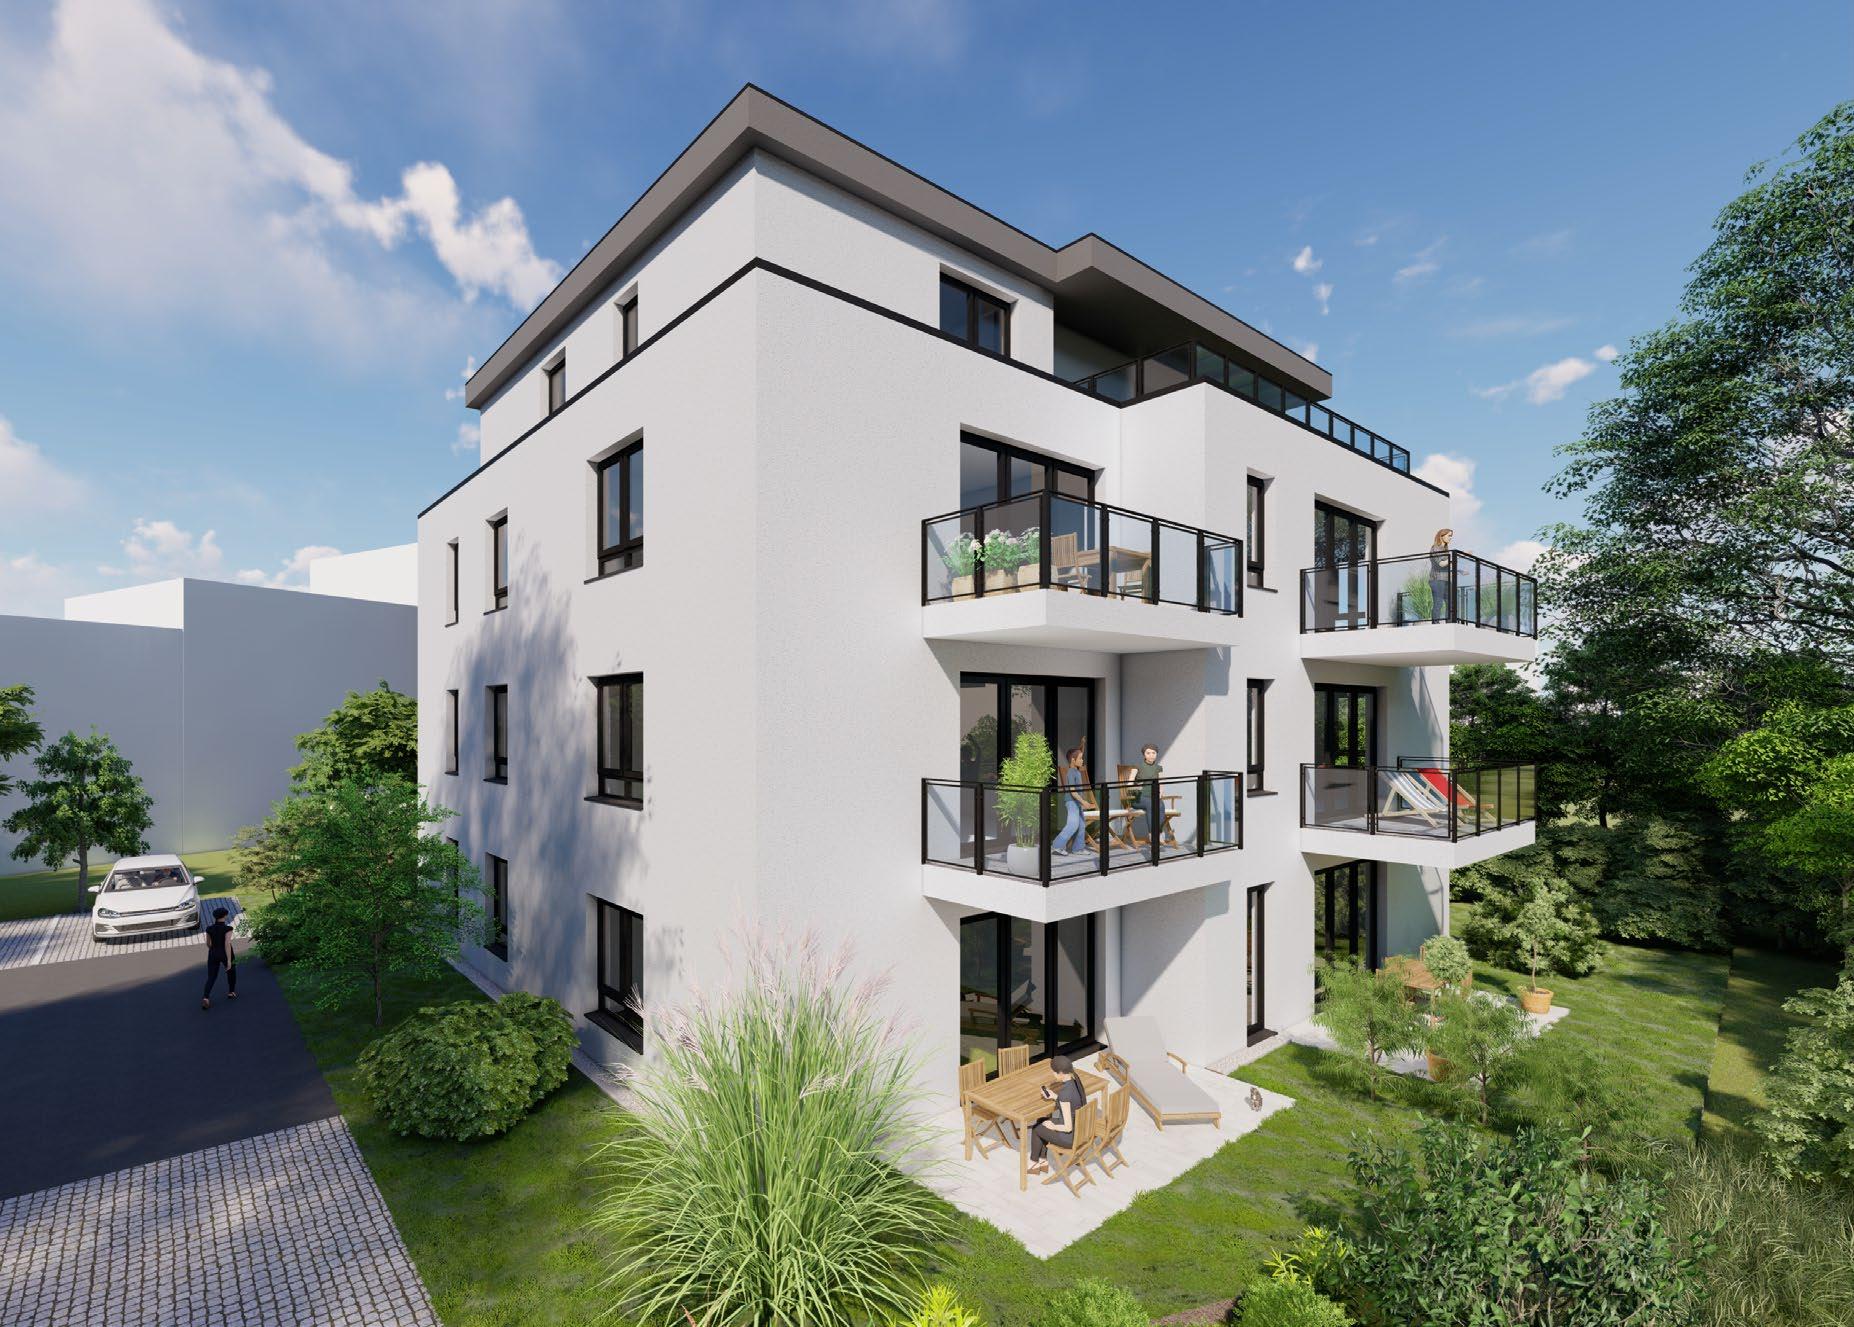 20190813-Baubeschreibung Castroper Straße - Anpassung für PlusConstruction